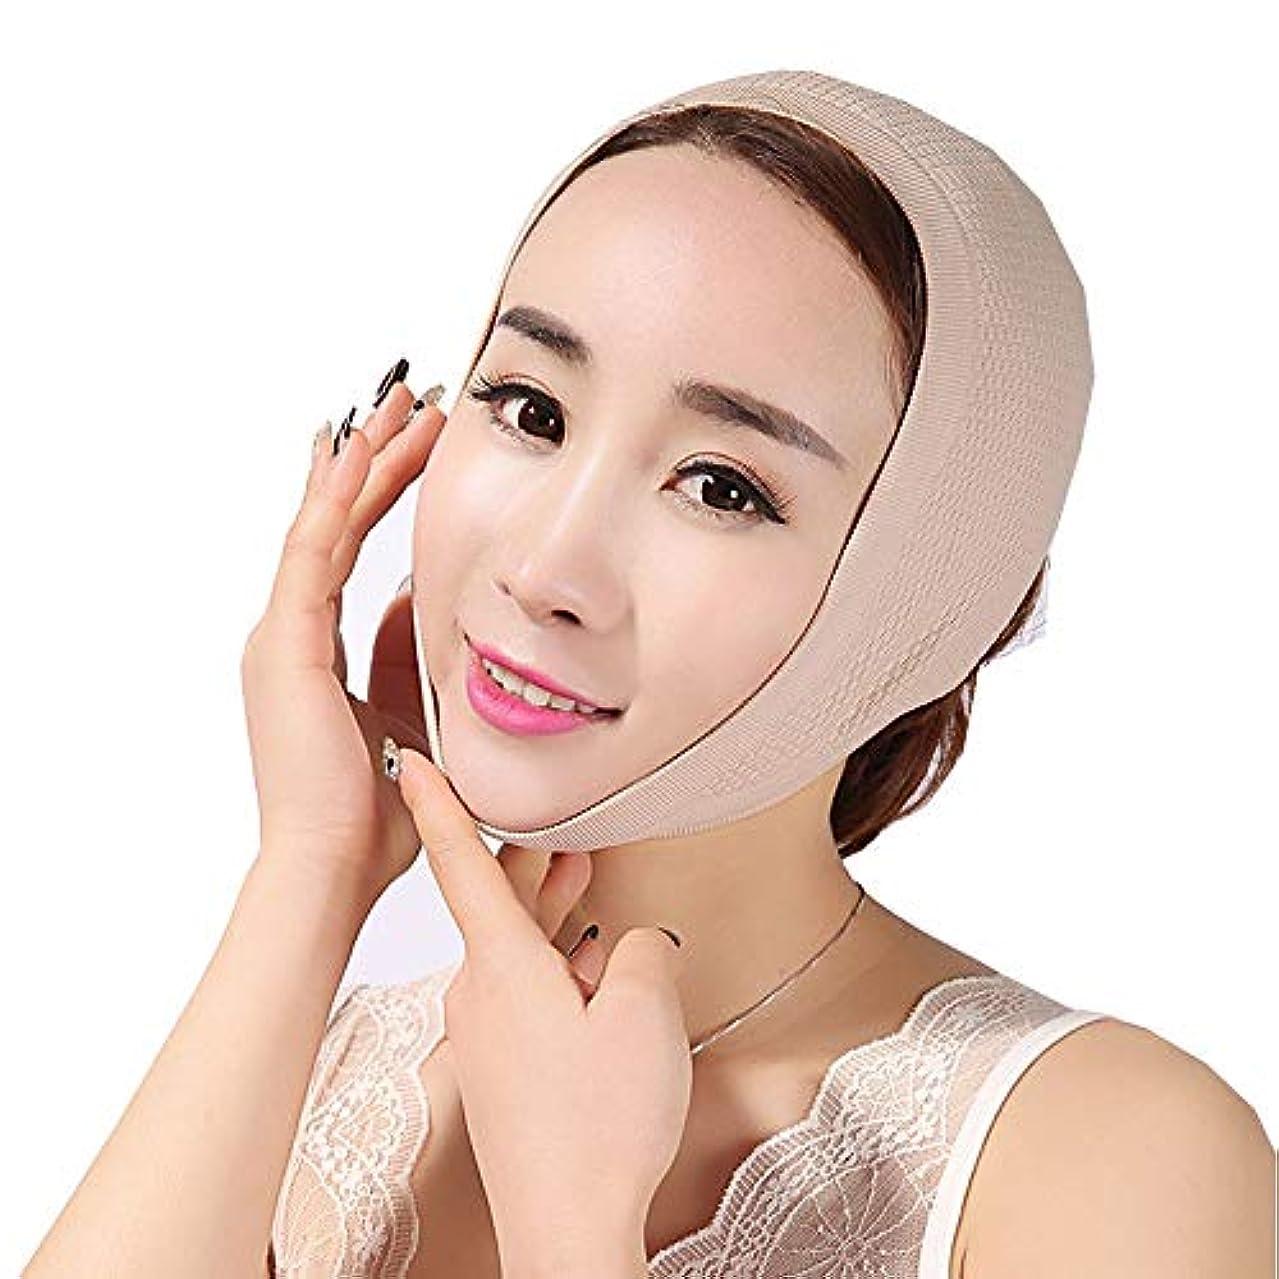 出口あたり知的フェイスマスクで眠る薄い顔フェイスリフトフェイスリフトアーティファクトスモールフェイスVフェイスリフト付きフェイスフェイス包帯引き上げジョーセット